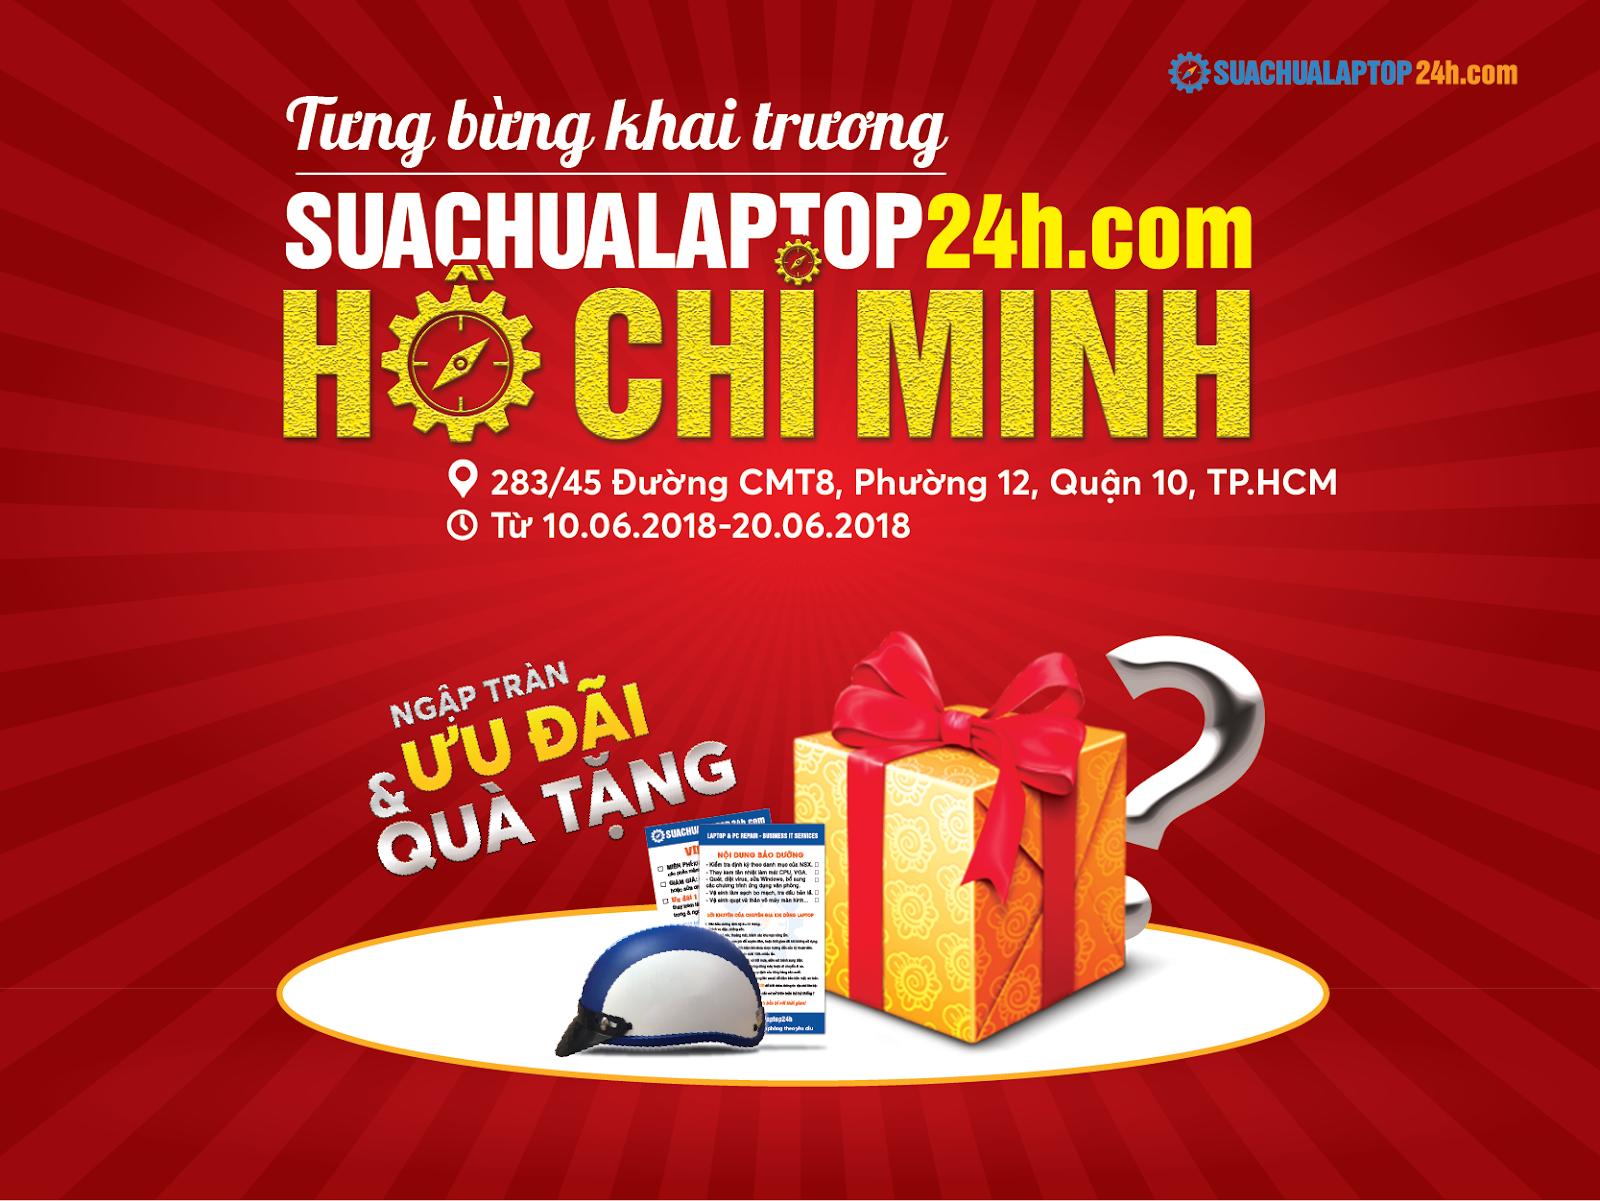 SUACHUALAPTOP24h.com khai trương chi nhánh mới tại tphcm